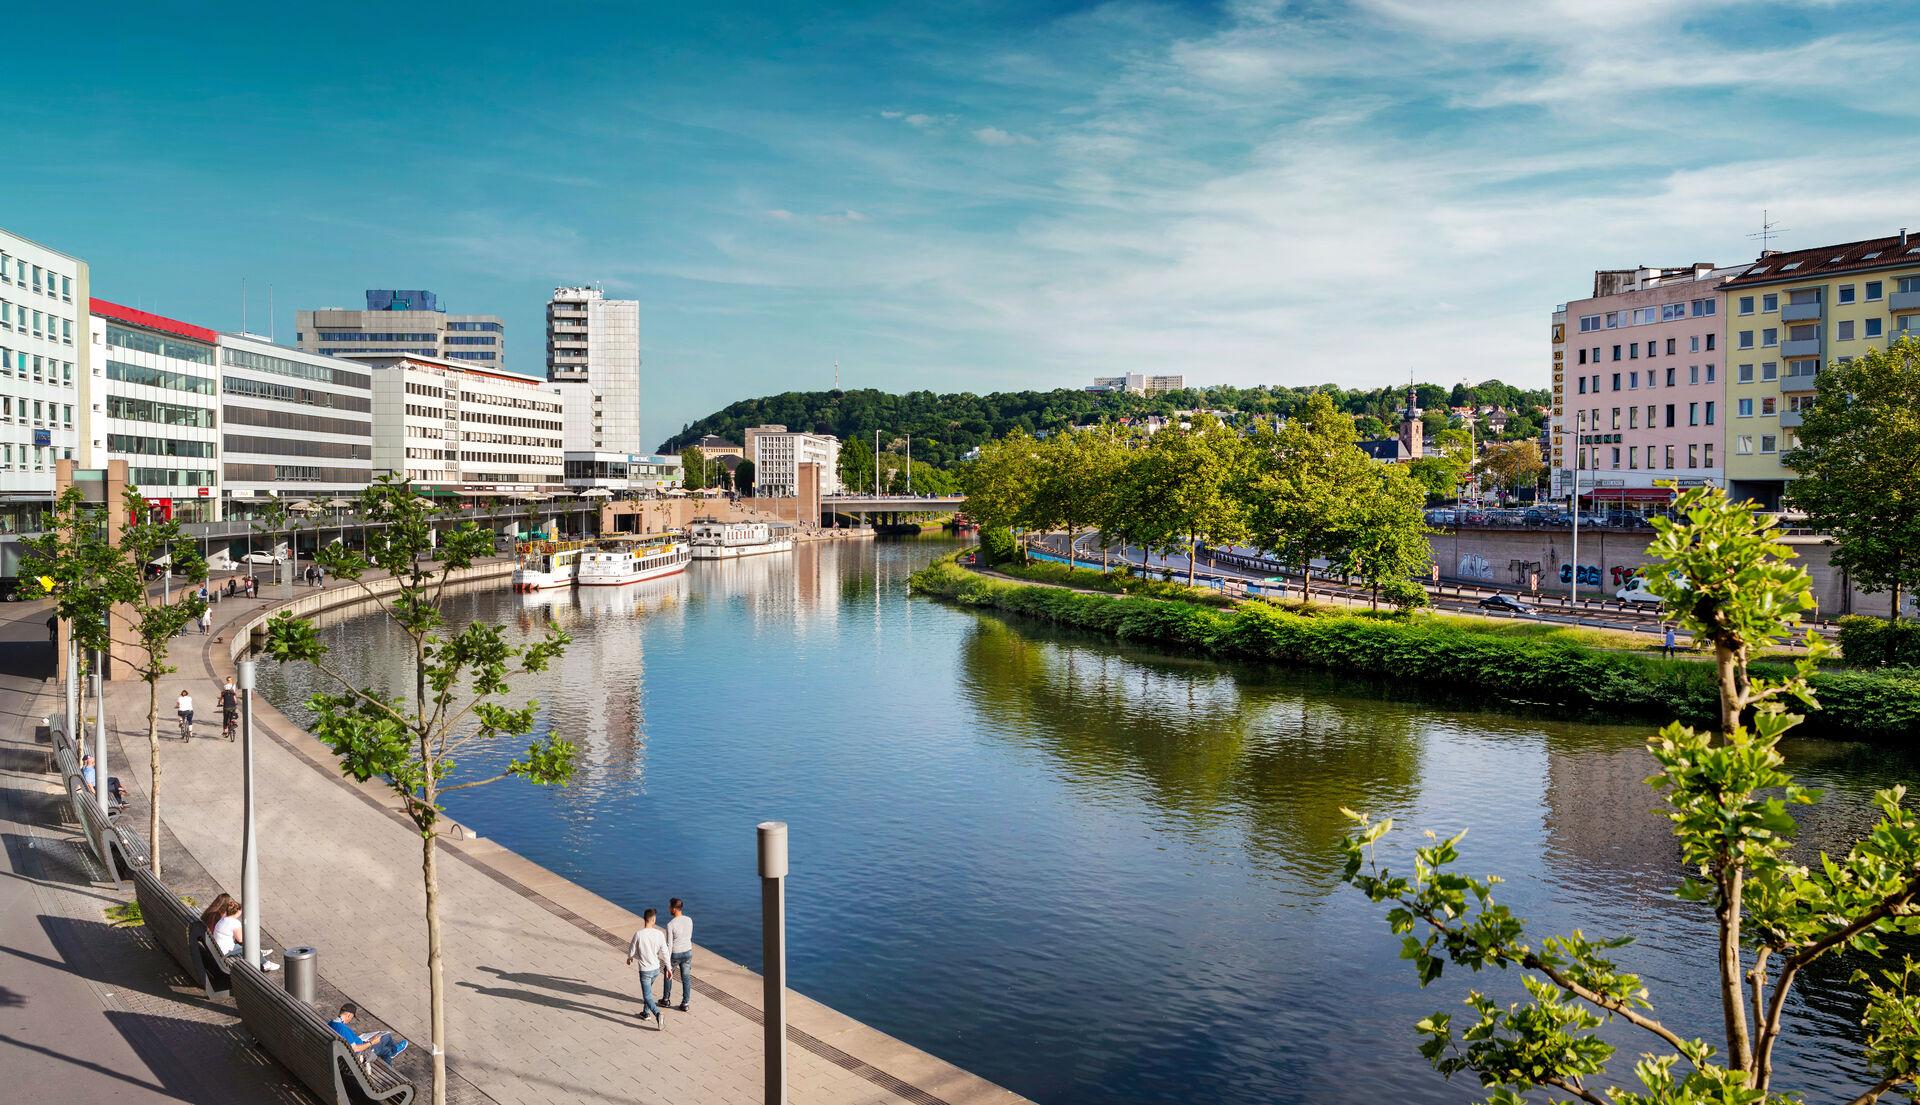 Wohin in Saarbrücken? Ausflugsziele in Stadt und Region